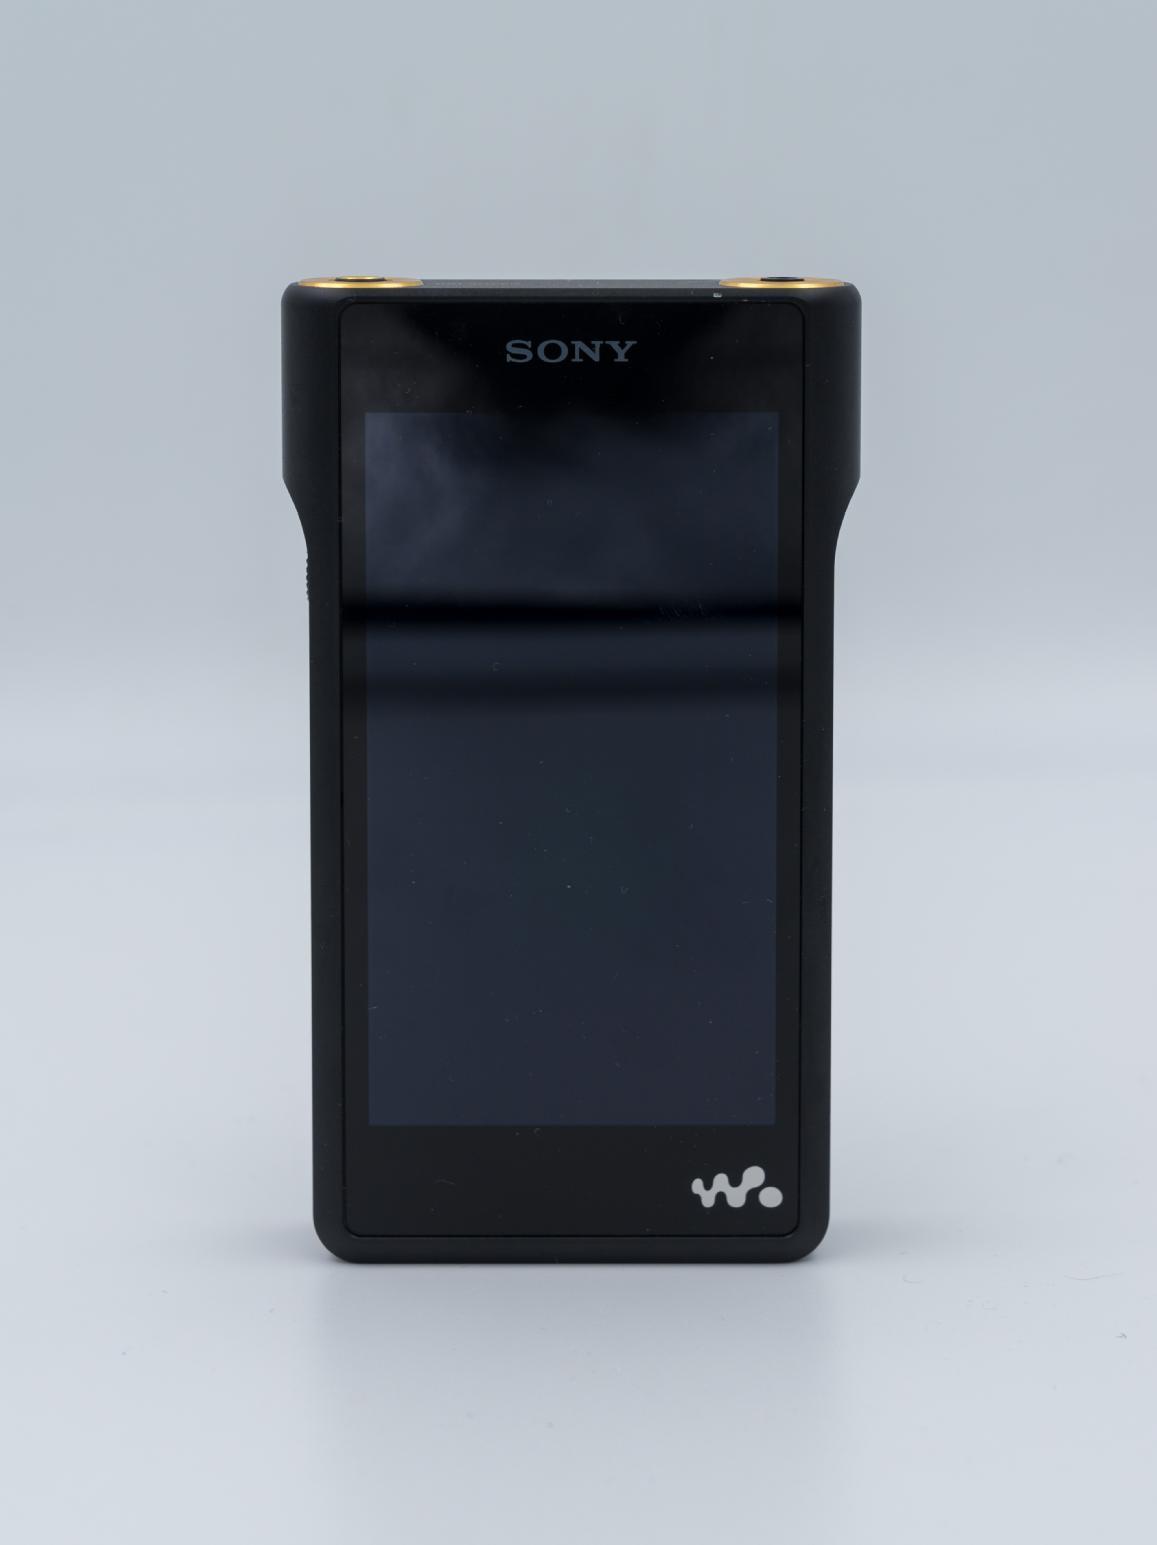 索尼黑砖 VS ZX300A,音质差距有多大?